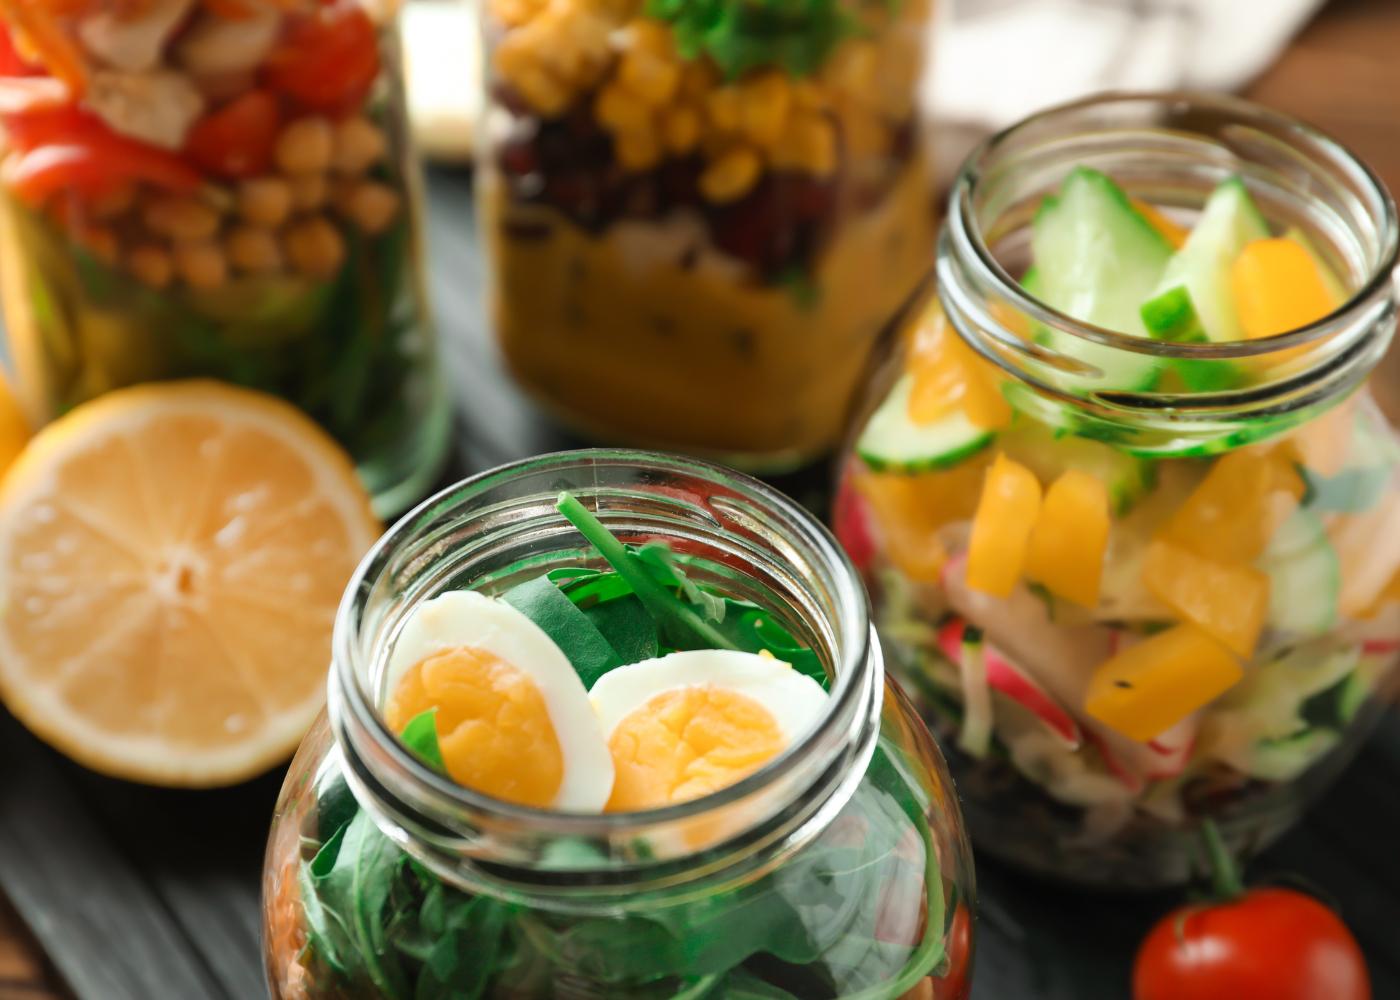 várias saladas enfrascadas